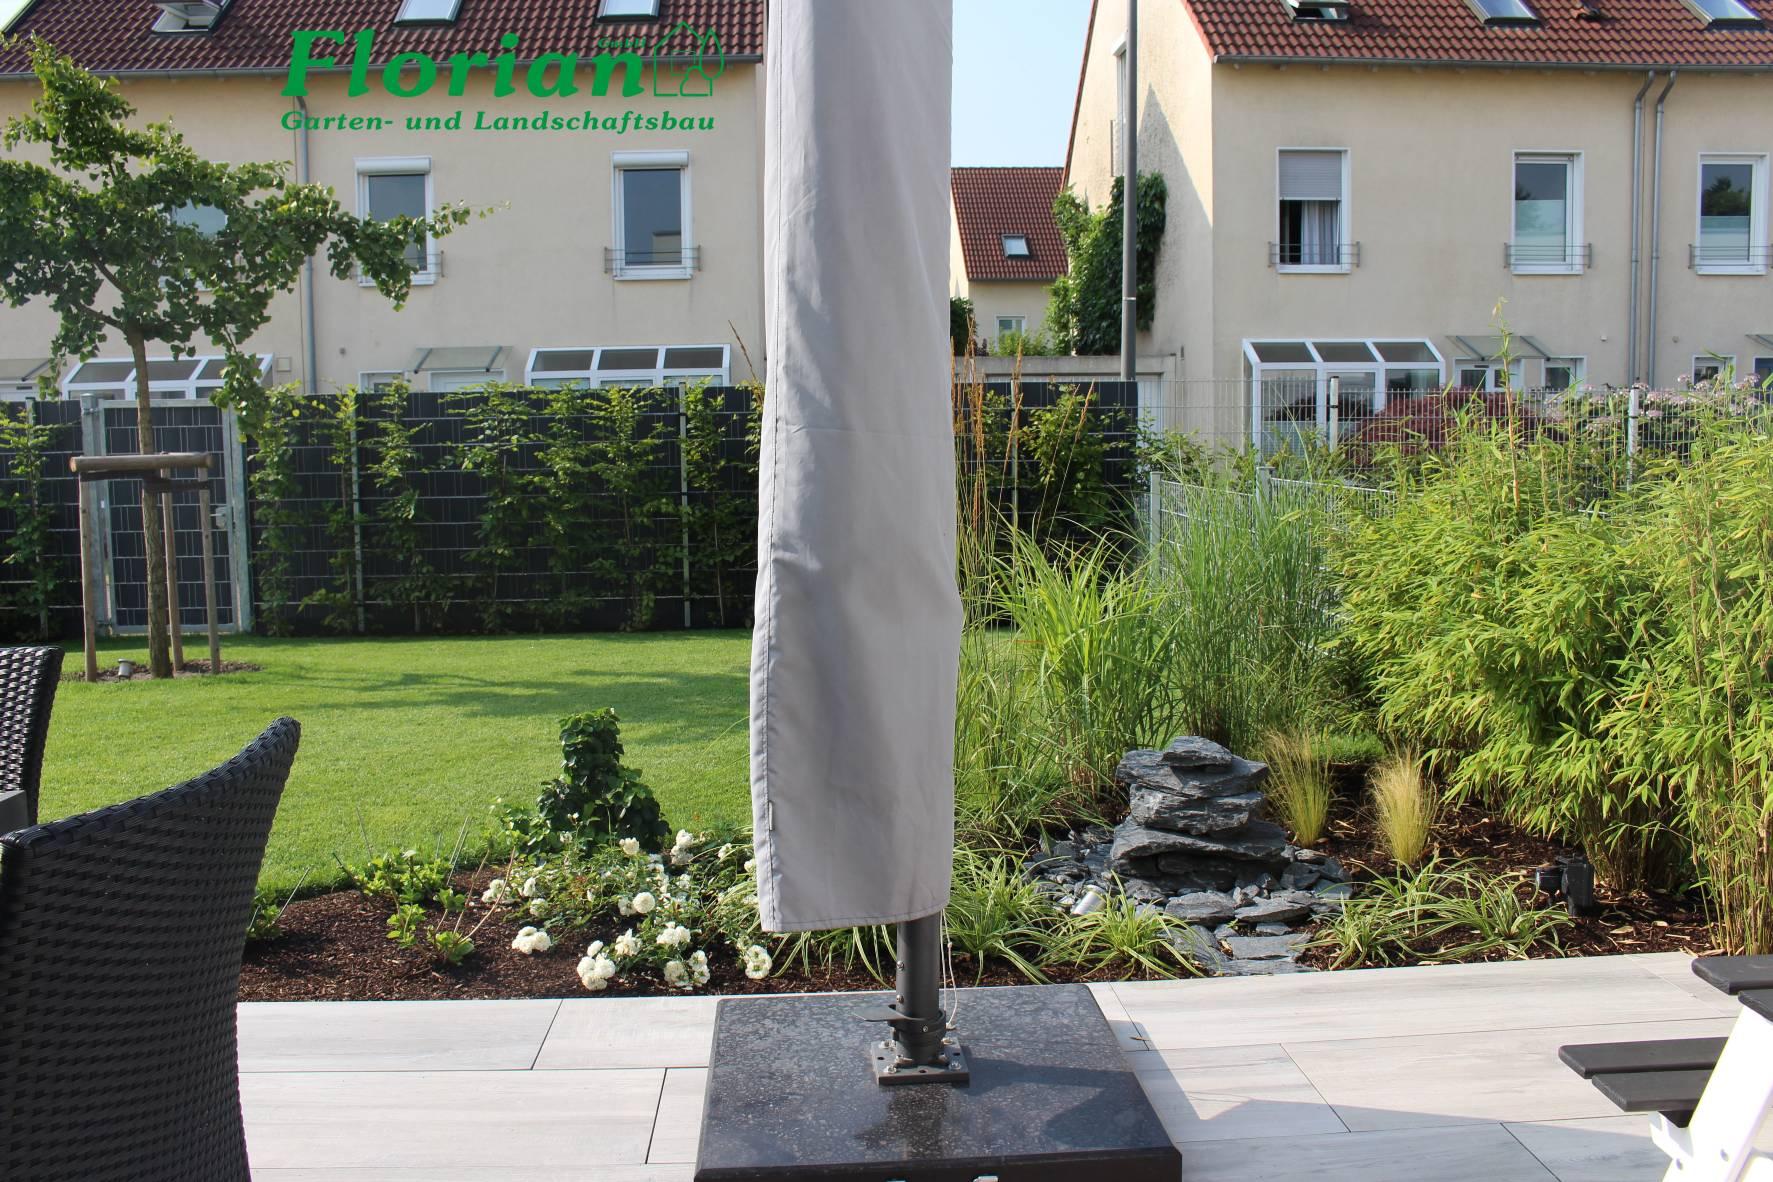 Florian GmbH Garten- & Landschaftsbau, Ihr Gärtner aus Hürth | Köln ...